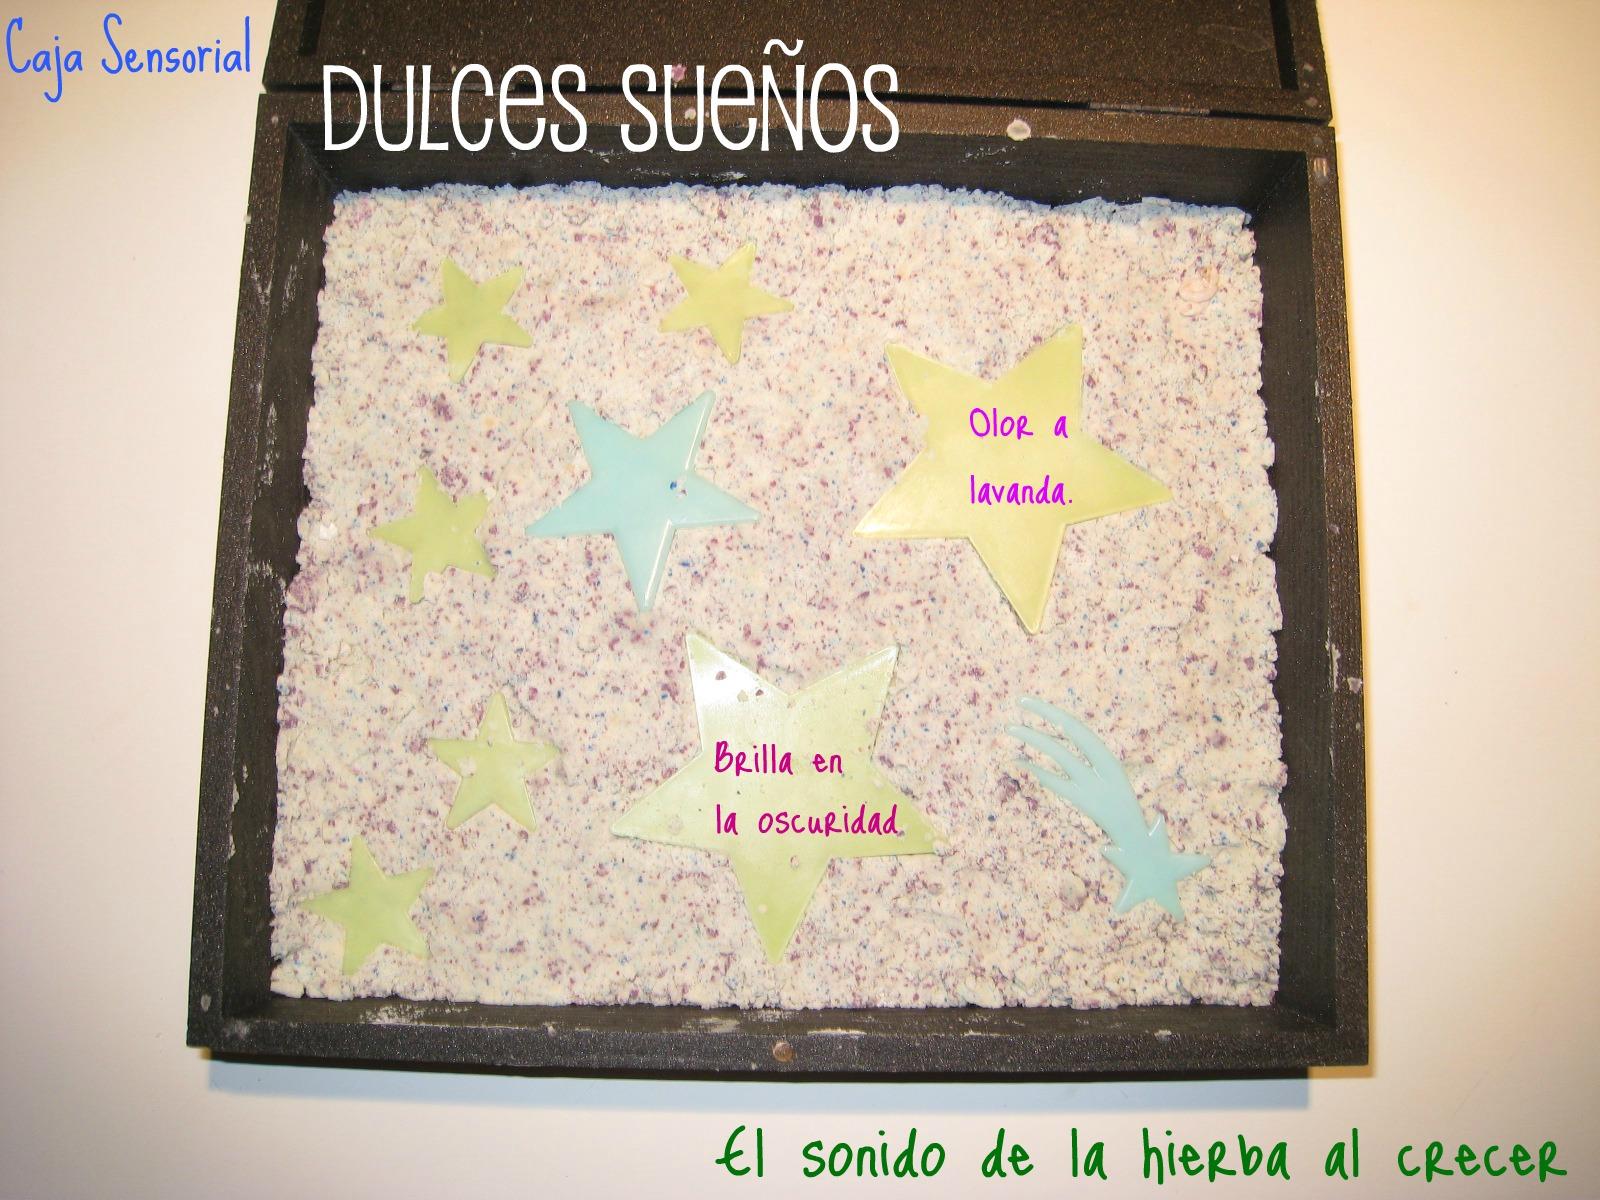 Caja sensorial Dulces Sueños :El sonido de la hierba al crecer